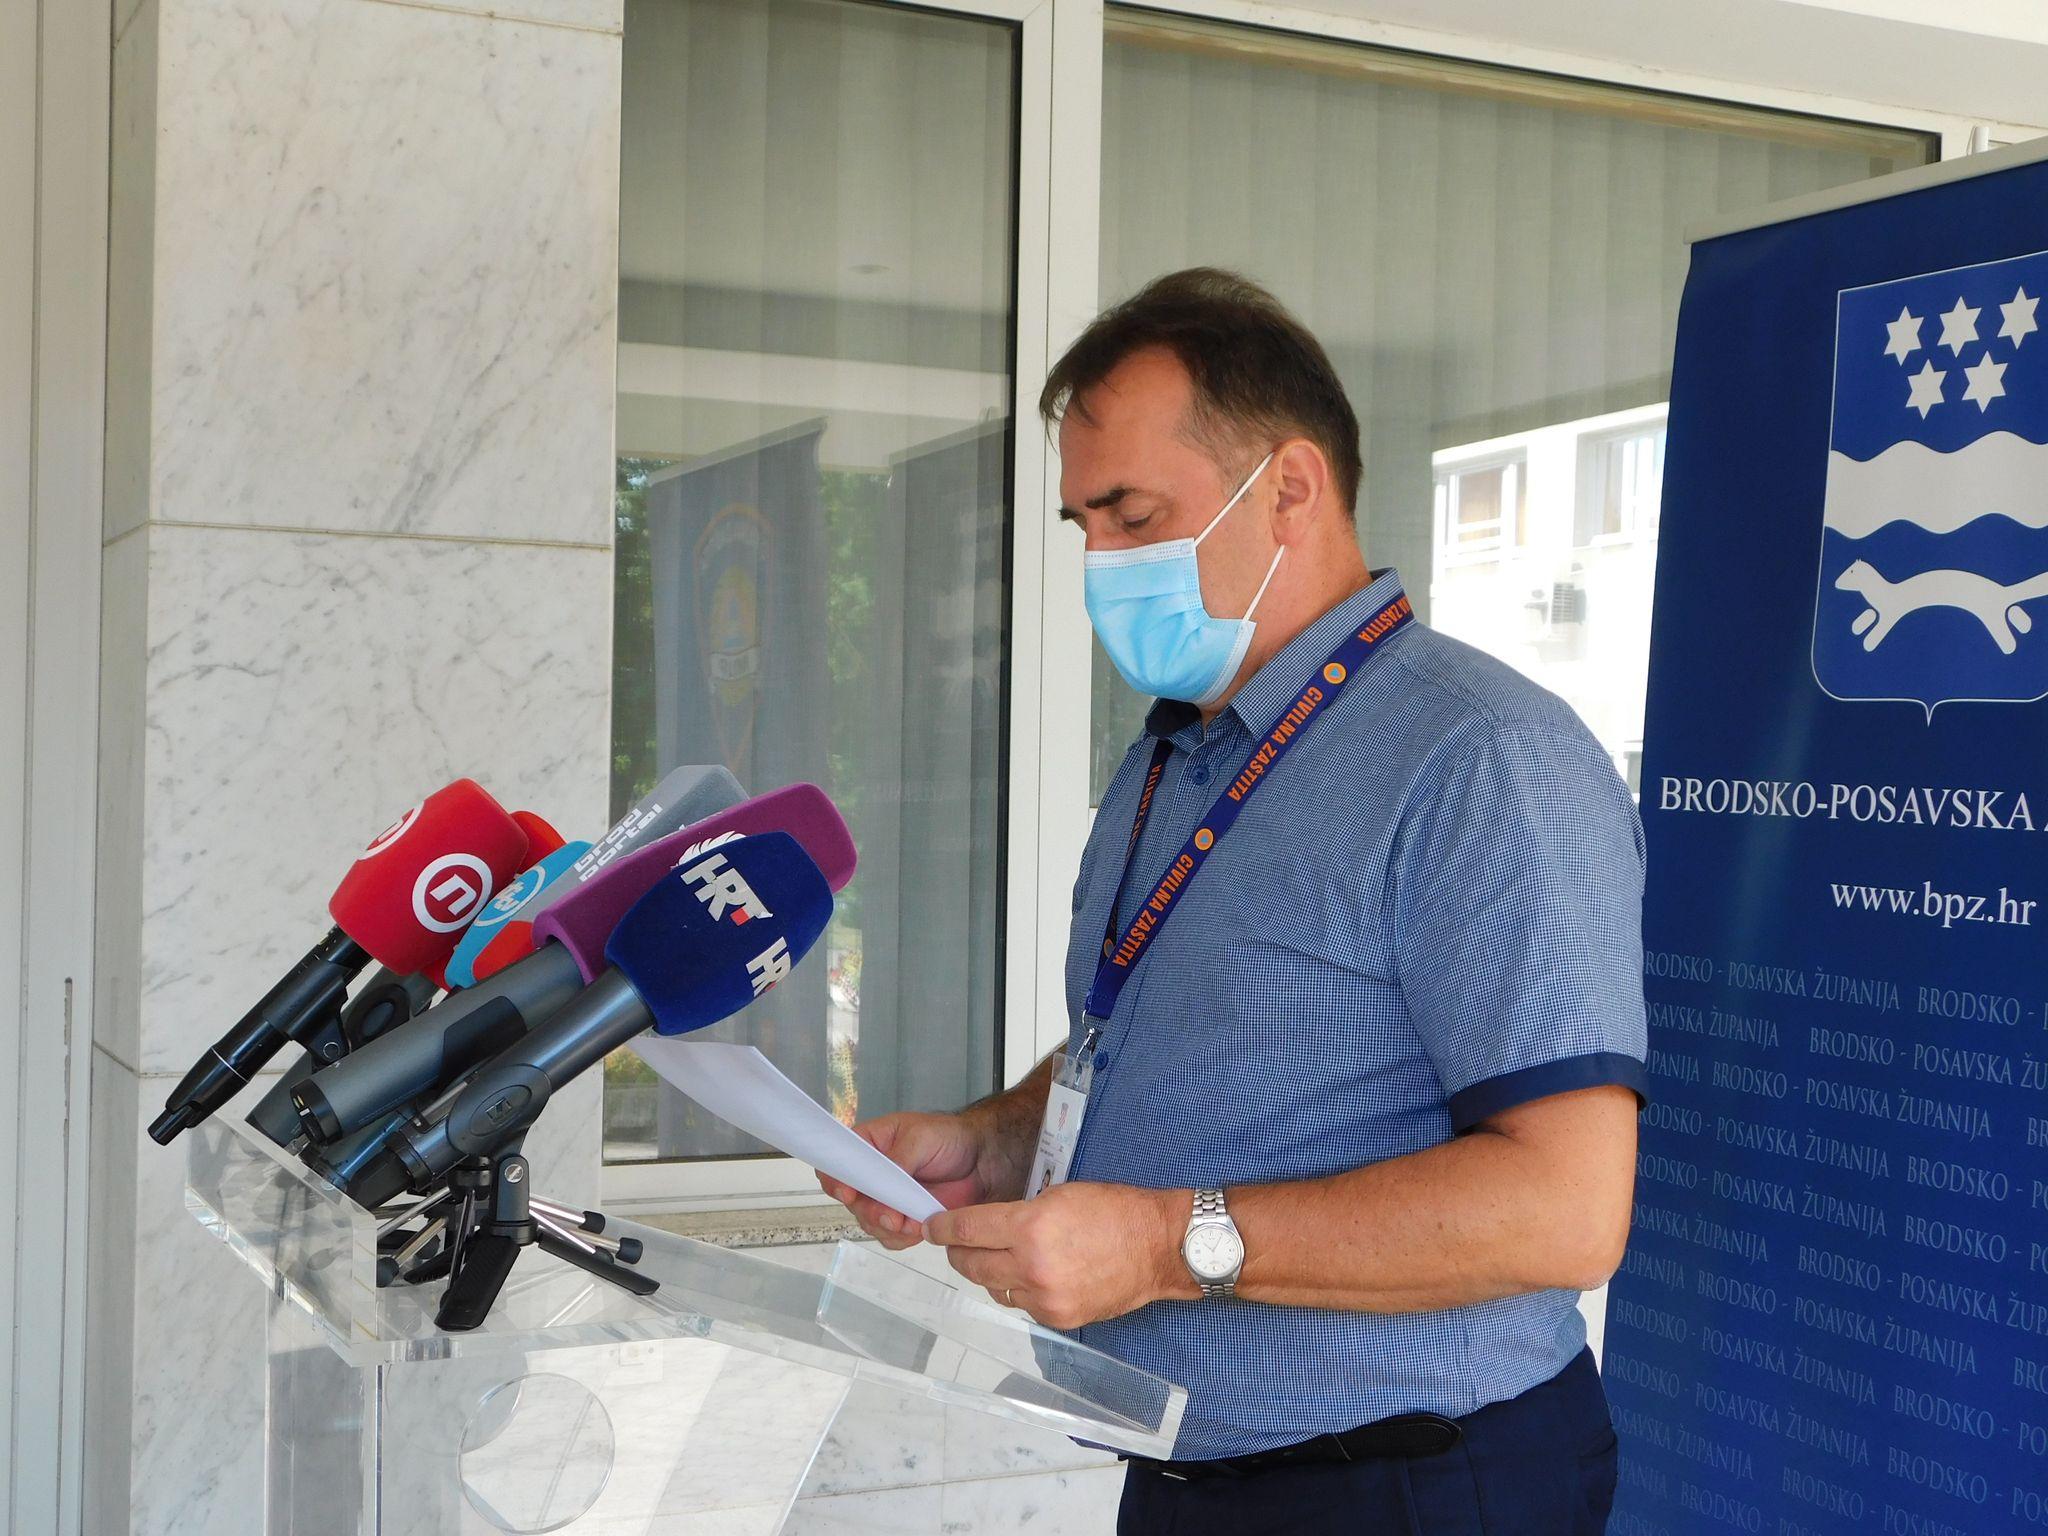 U Brodsko-posavskoj županiji danas 2 nova slučaja zaraze koronavirusom